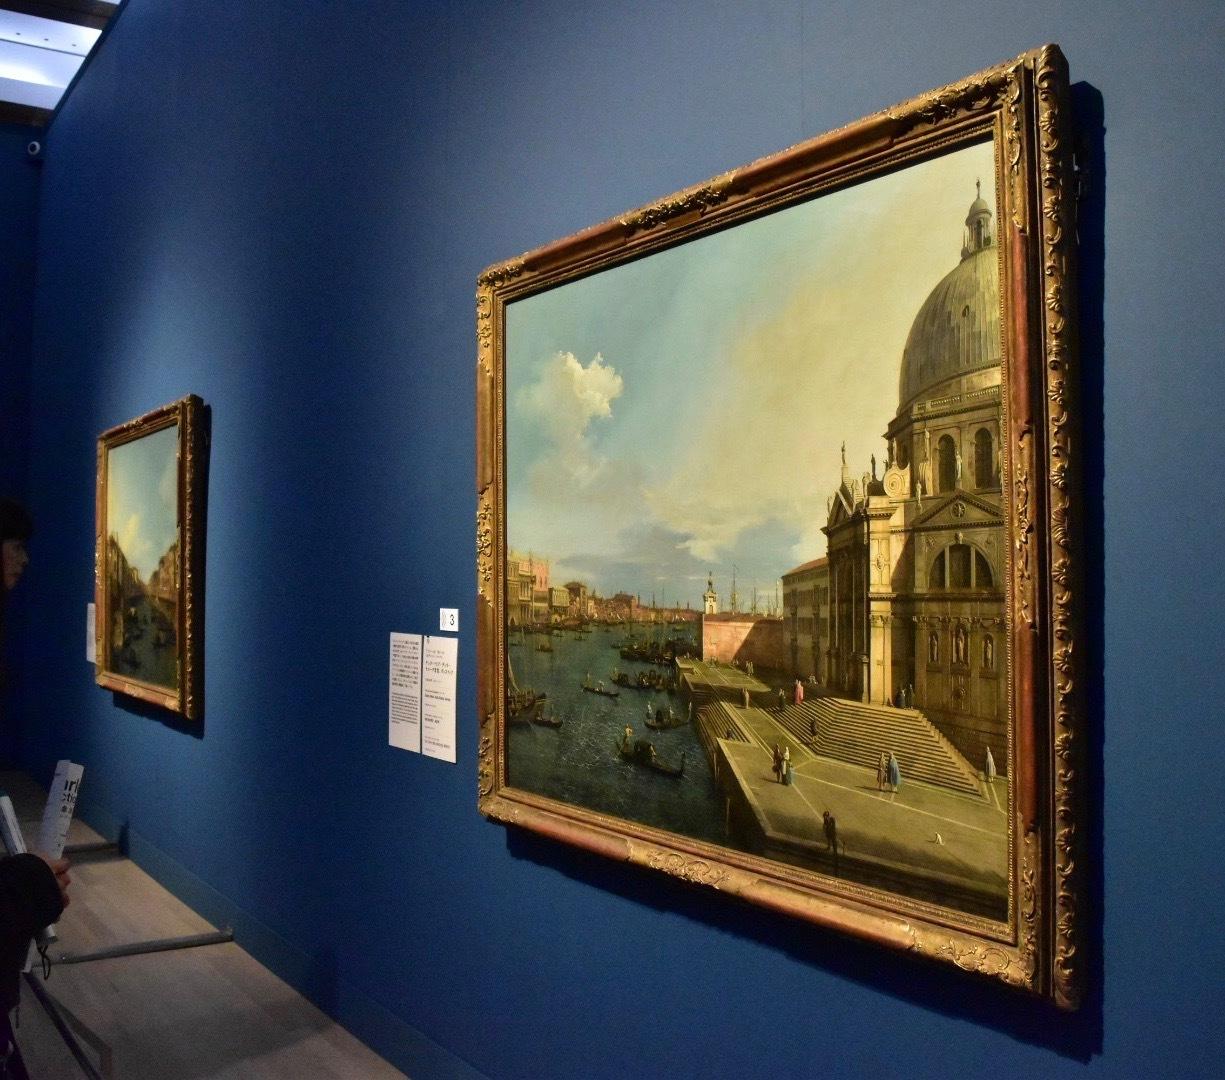 アントーニオ・カナール(カナレット) 《サンタ・マリア・デッラ・サルーテ聖堂、ヴェネツィア》 1738-42年頃